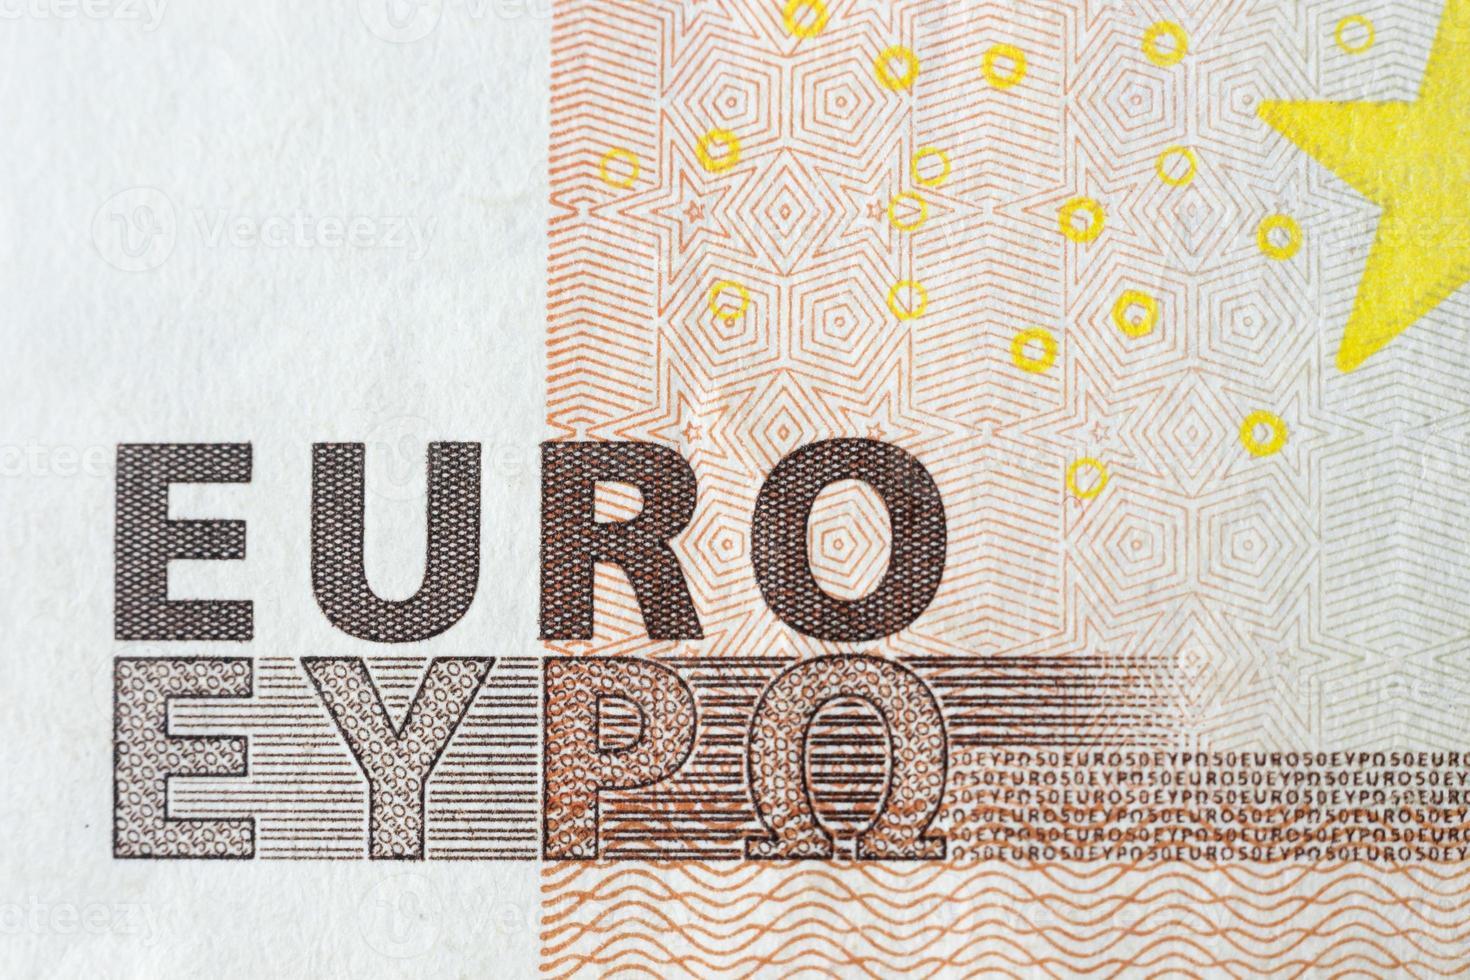 eurosedlar, detaljerad text om nya femtio eurosedlar foto